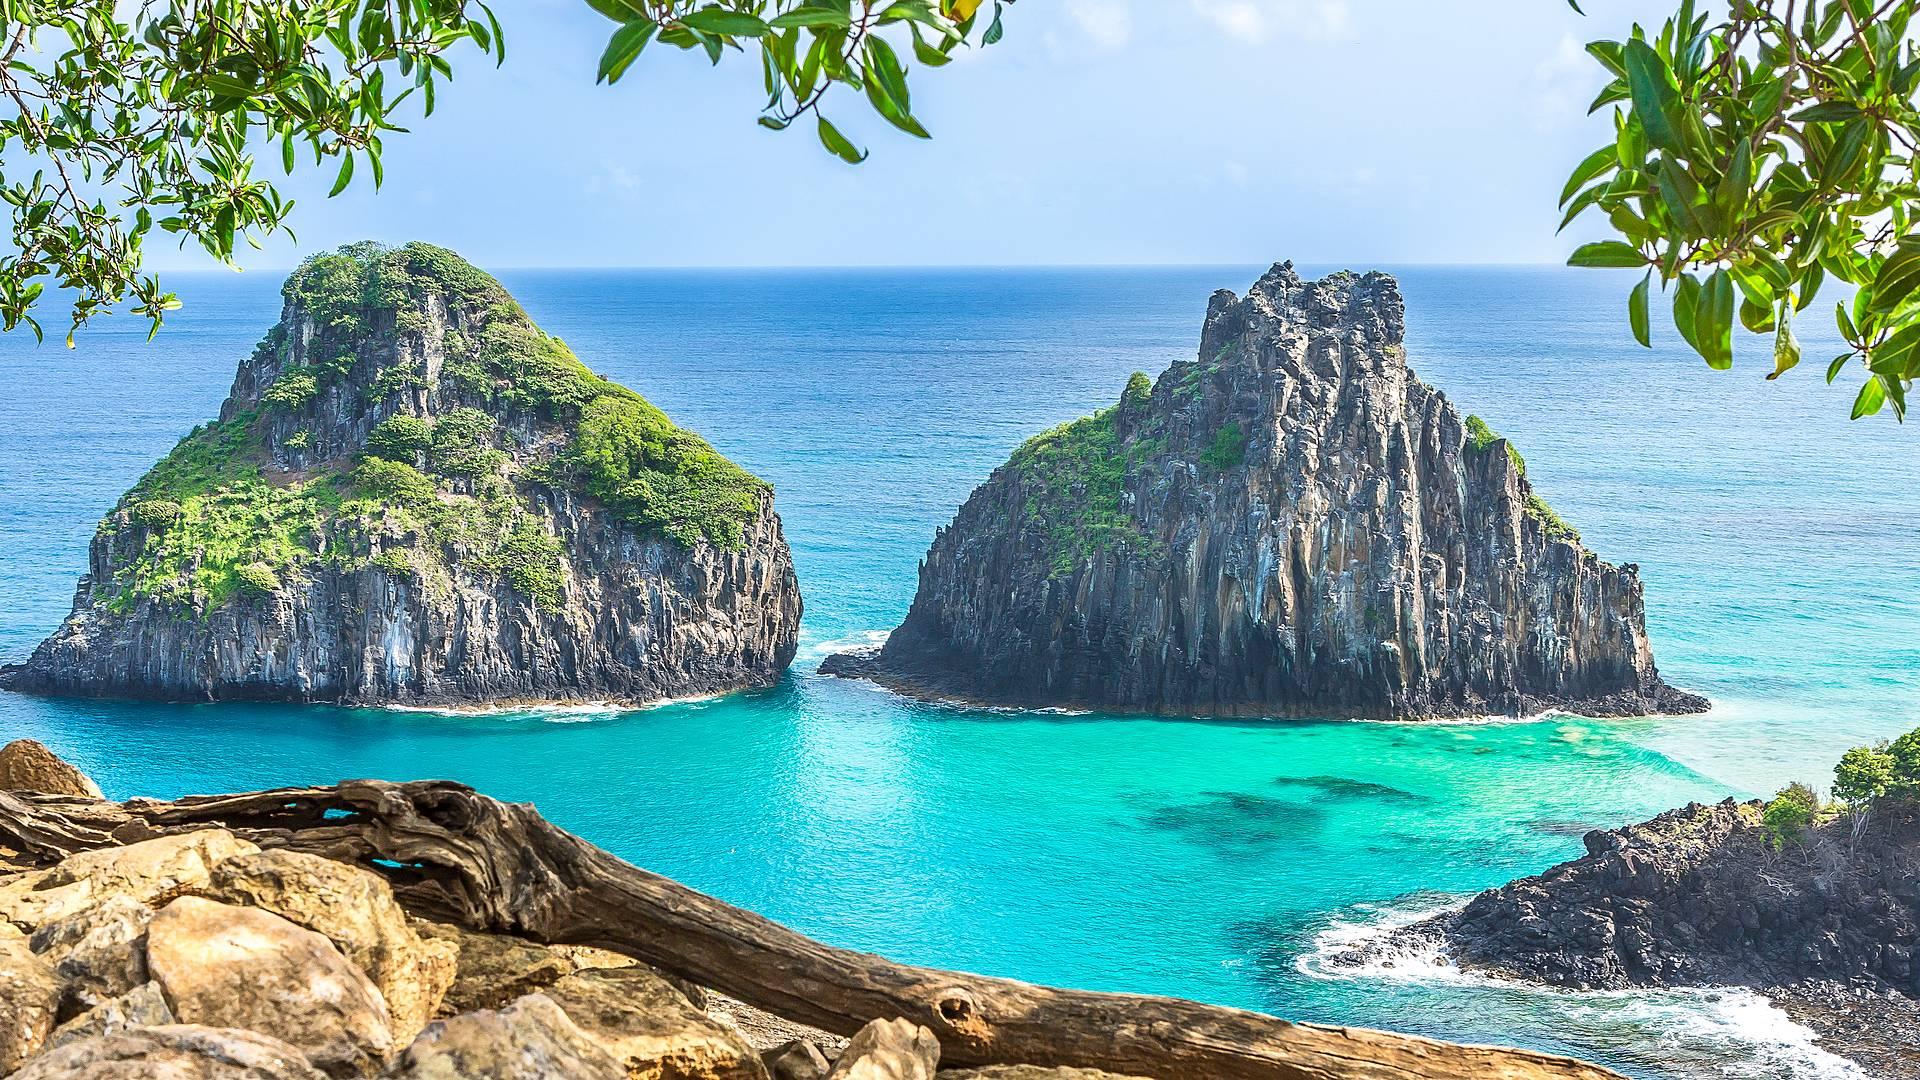 Fernando - Un paradiso in pieno oceano